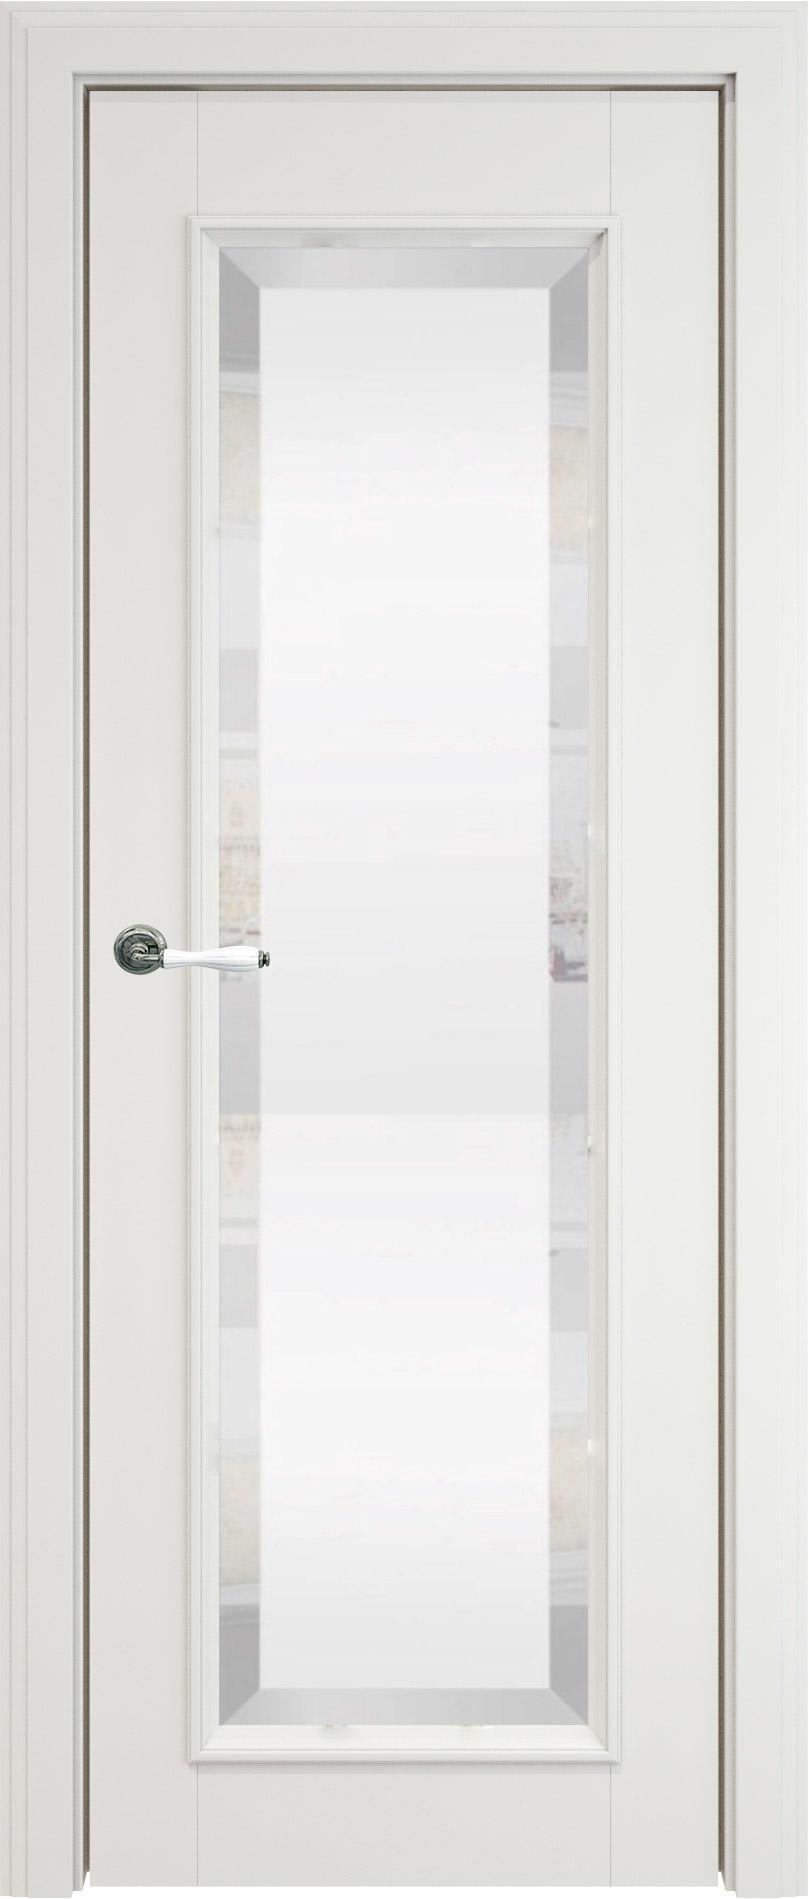 Domenica LUX цвет - Белая эмаль (RAL 9003) Со стеклом (ДО)